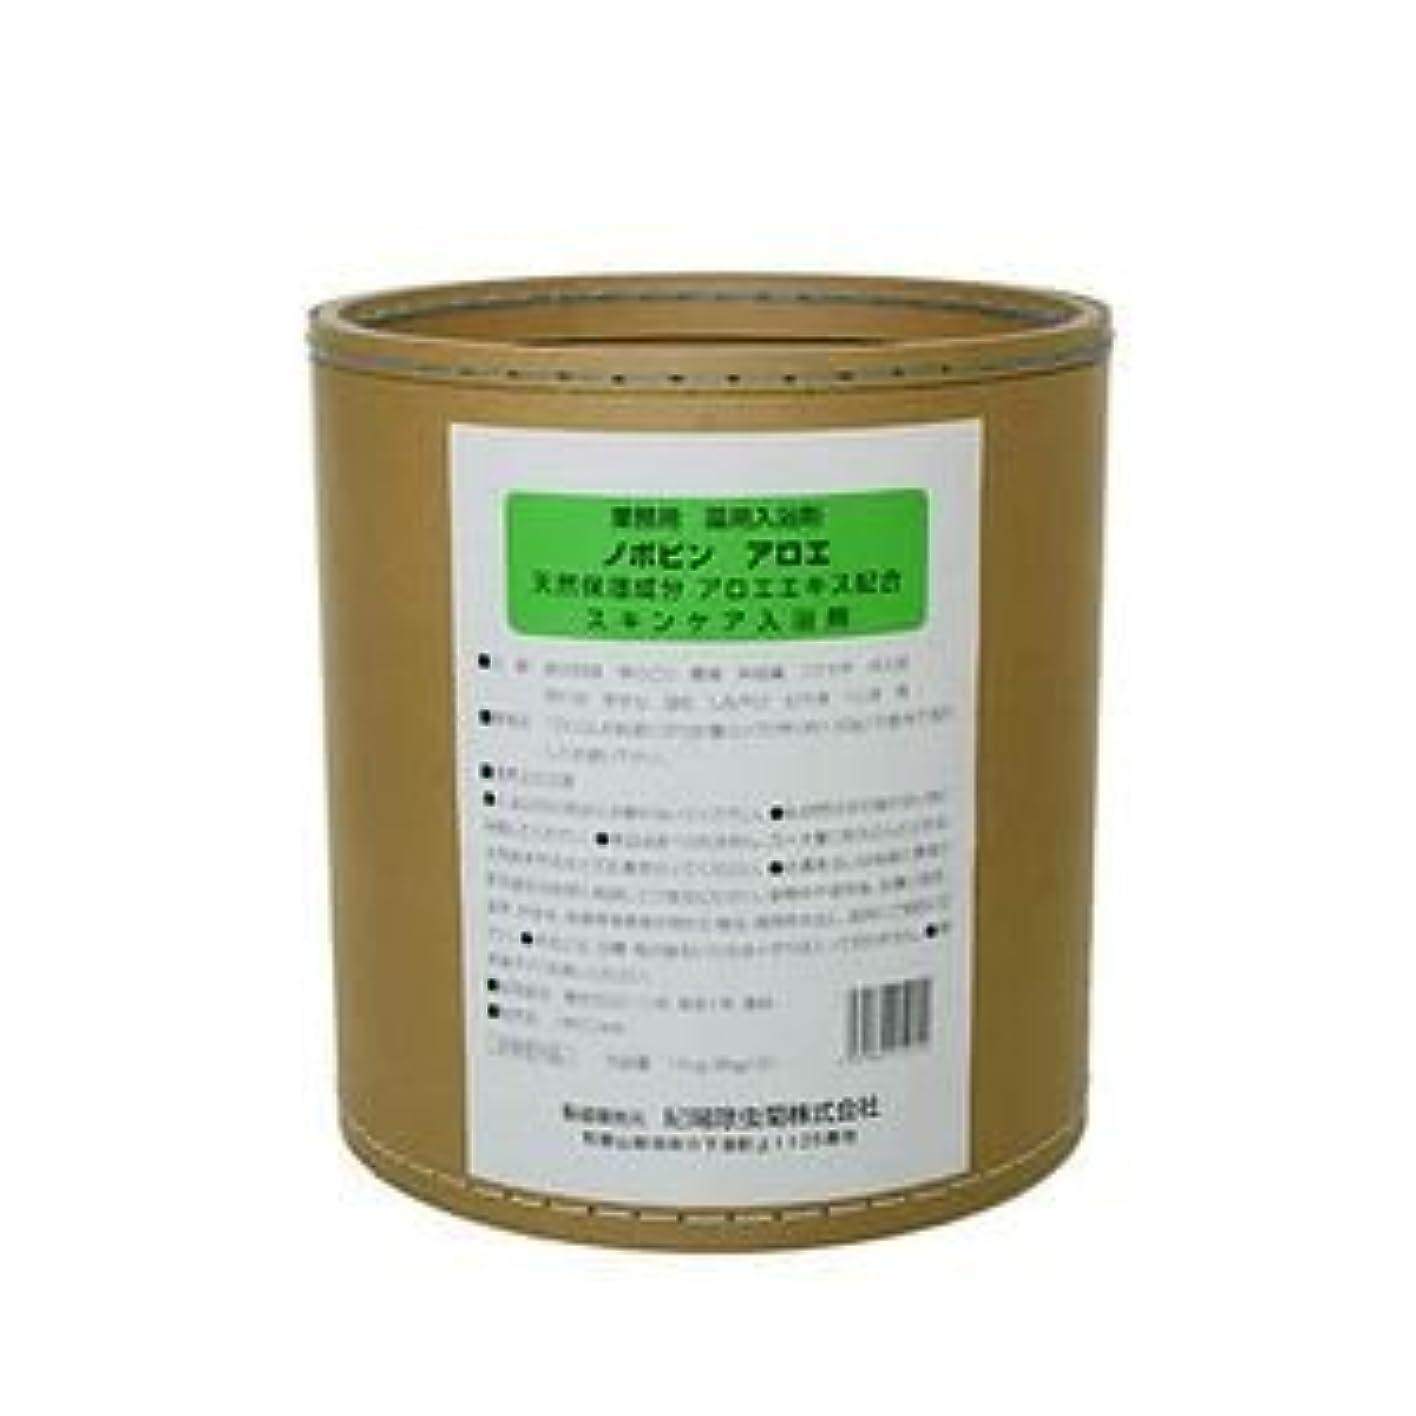 元気まもなく仕様業務用 バス 入浴剤 ノボピン アロエ 16kg(8kg+2)